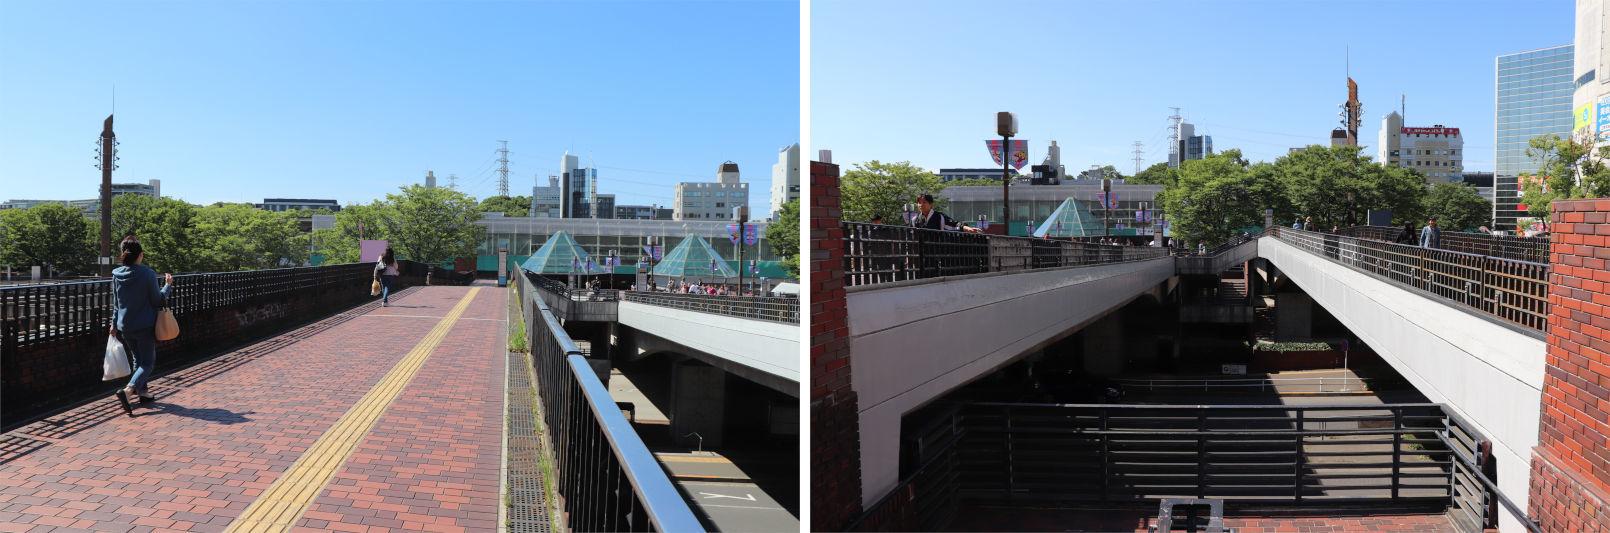 [多摩NTの橋ぜんぶ撮影PJ] No.116~120 多摩センター駅周辺の橋_a0332275_00032567.jpg